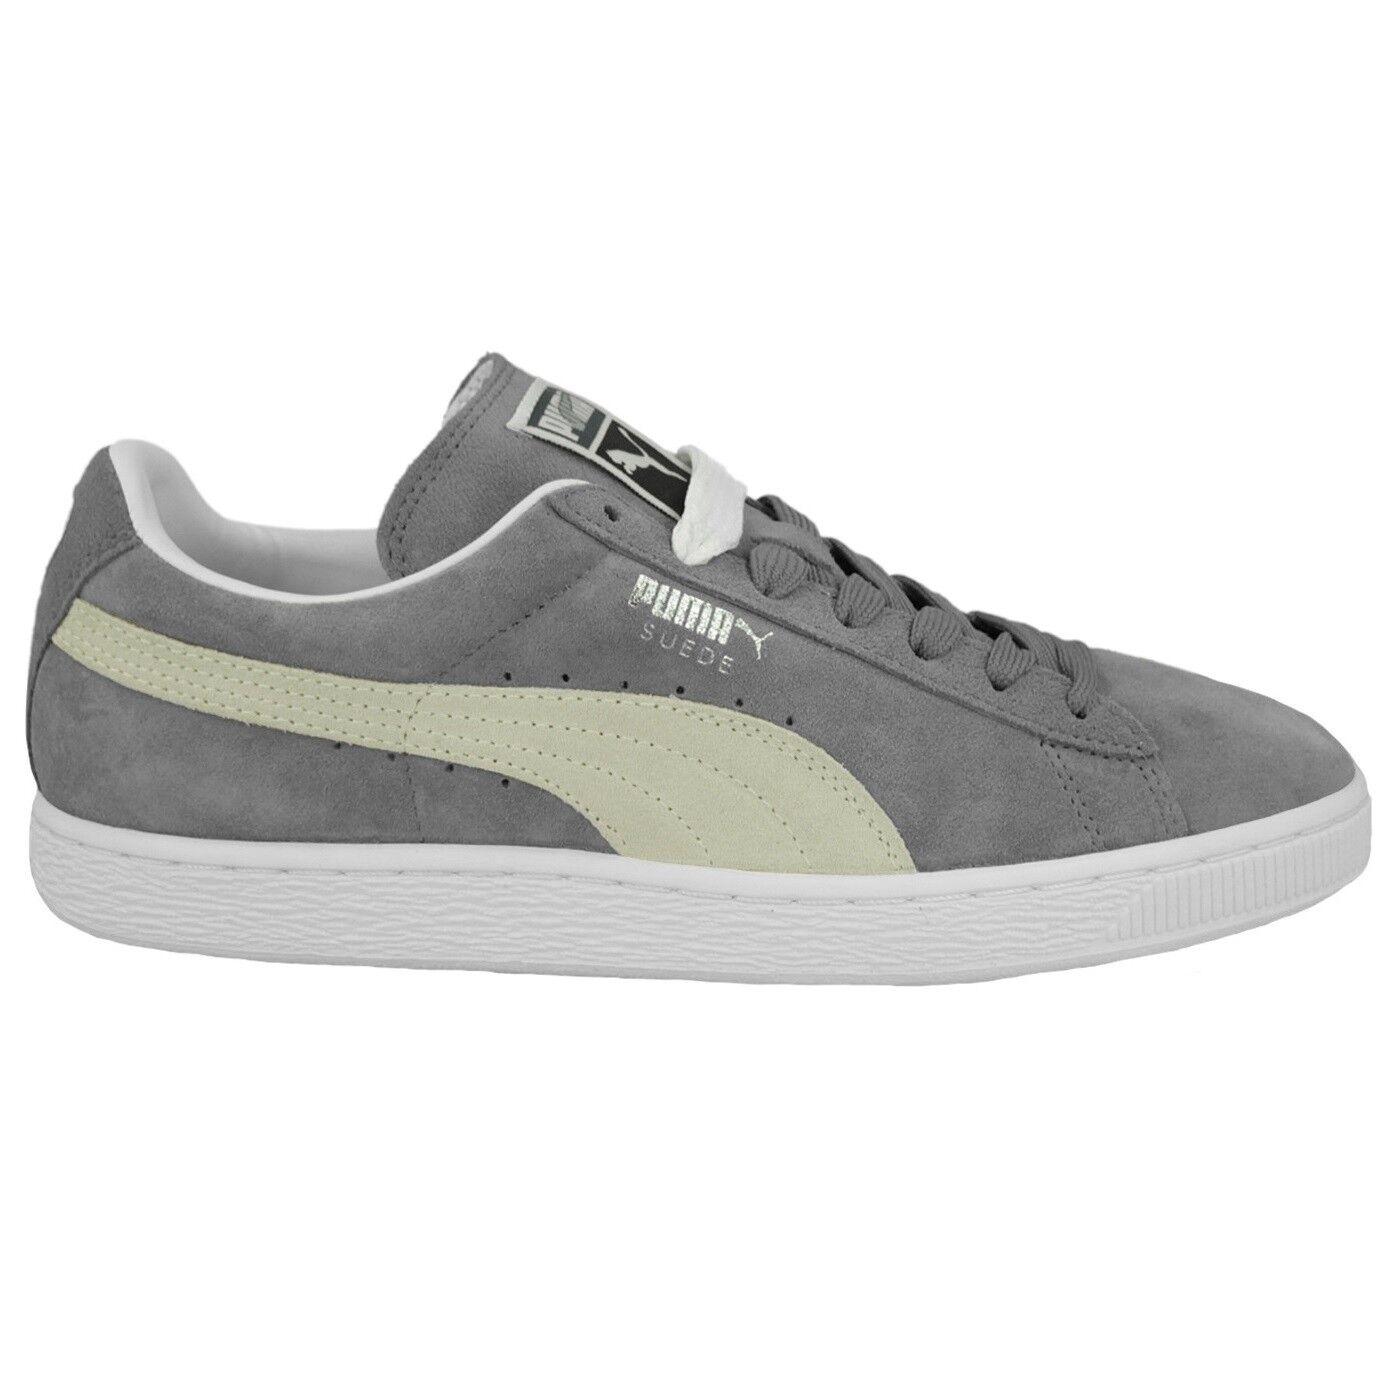 PUMA SUEDE CLASSIC+ - Zapatillas casual para hombre y mujer, color gris